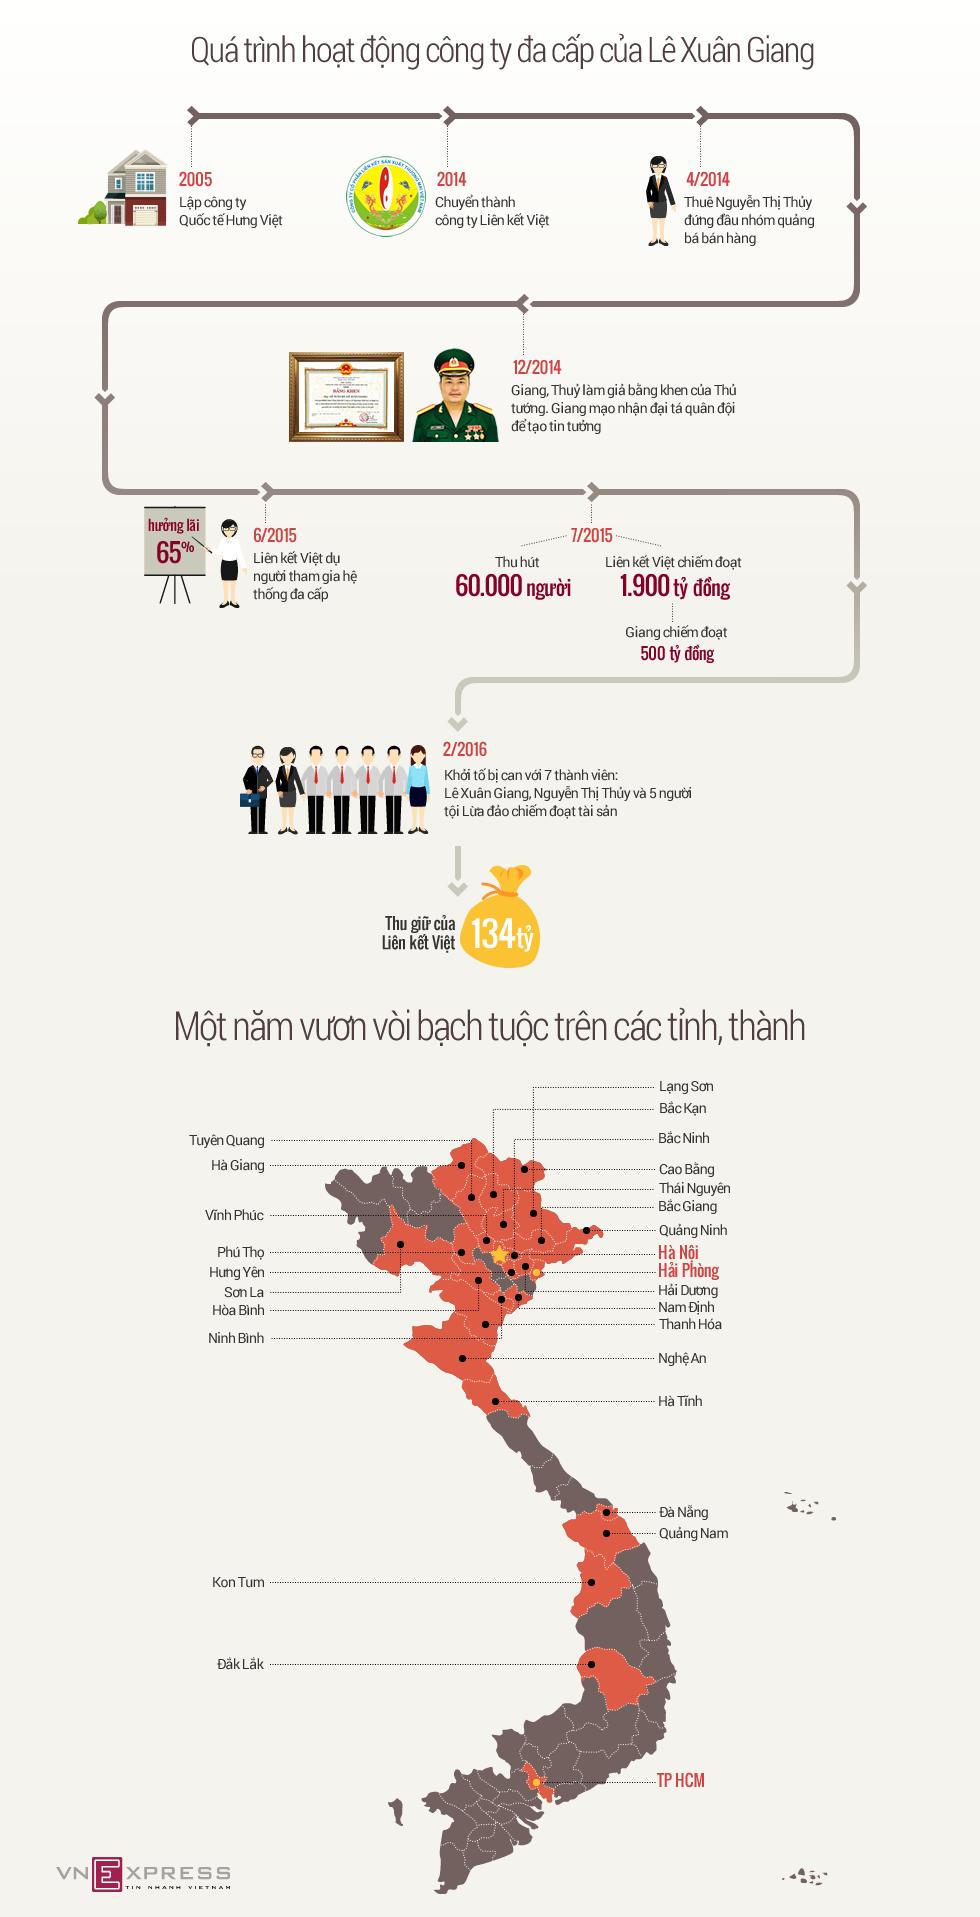 Hơn một năm lừa 60.000 người của công ty đa cấp Liên kết Việt